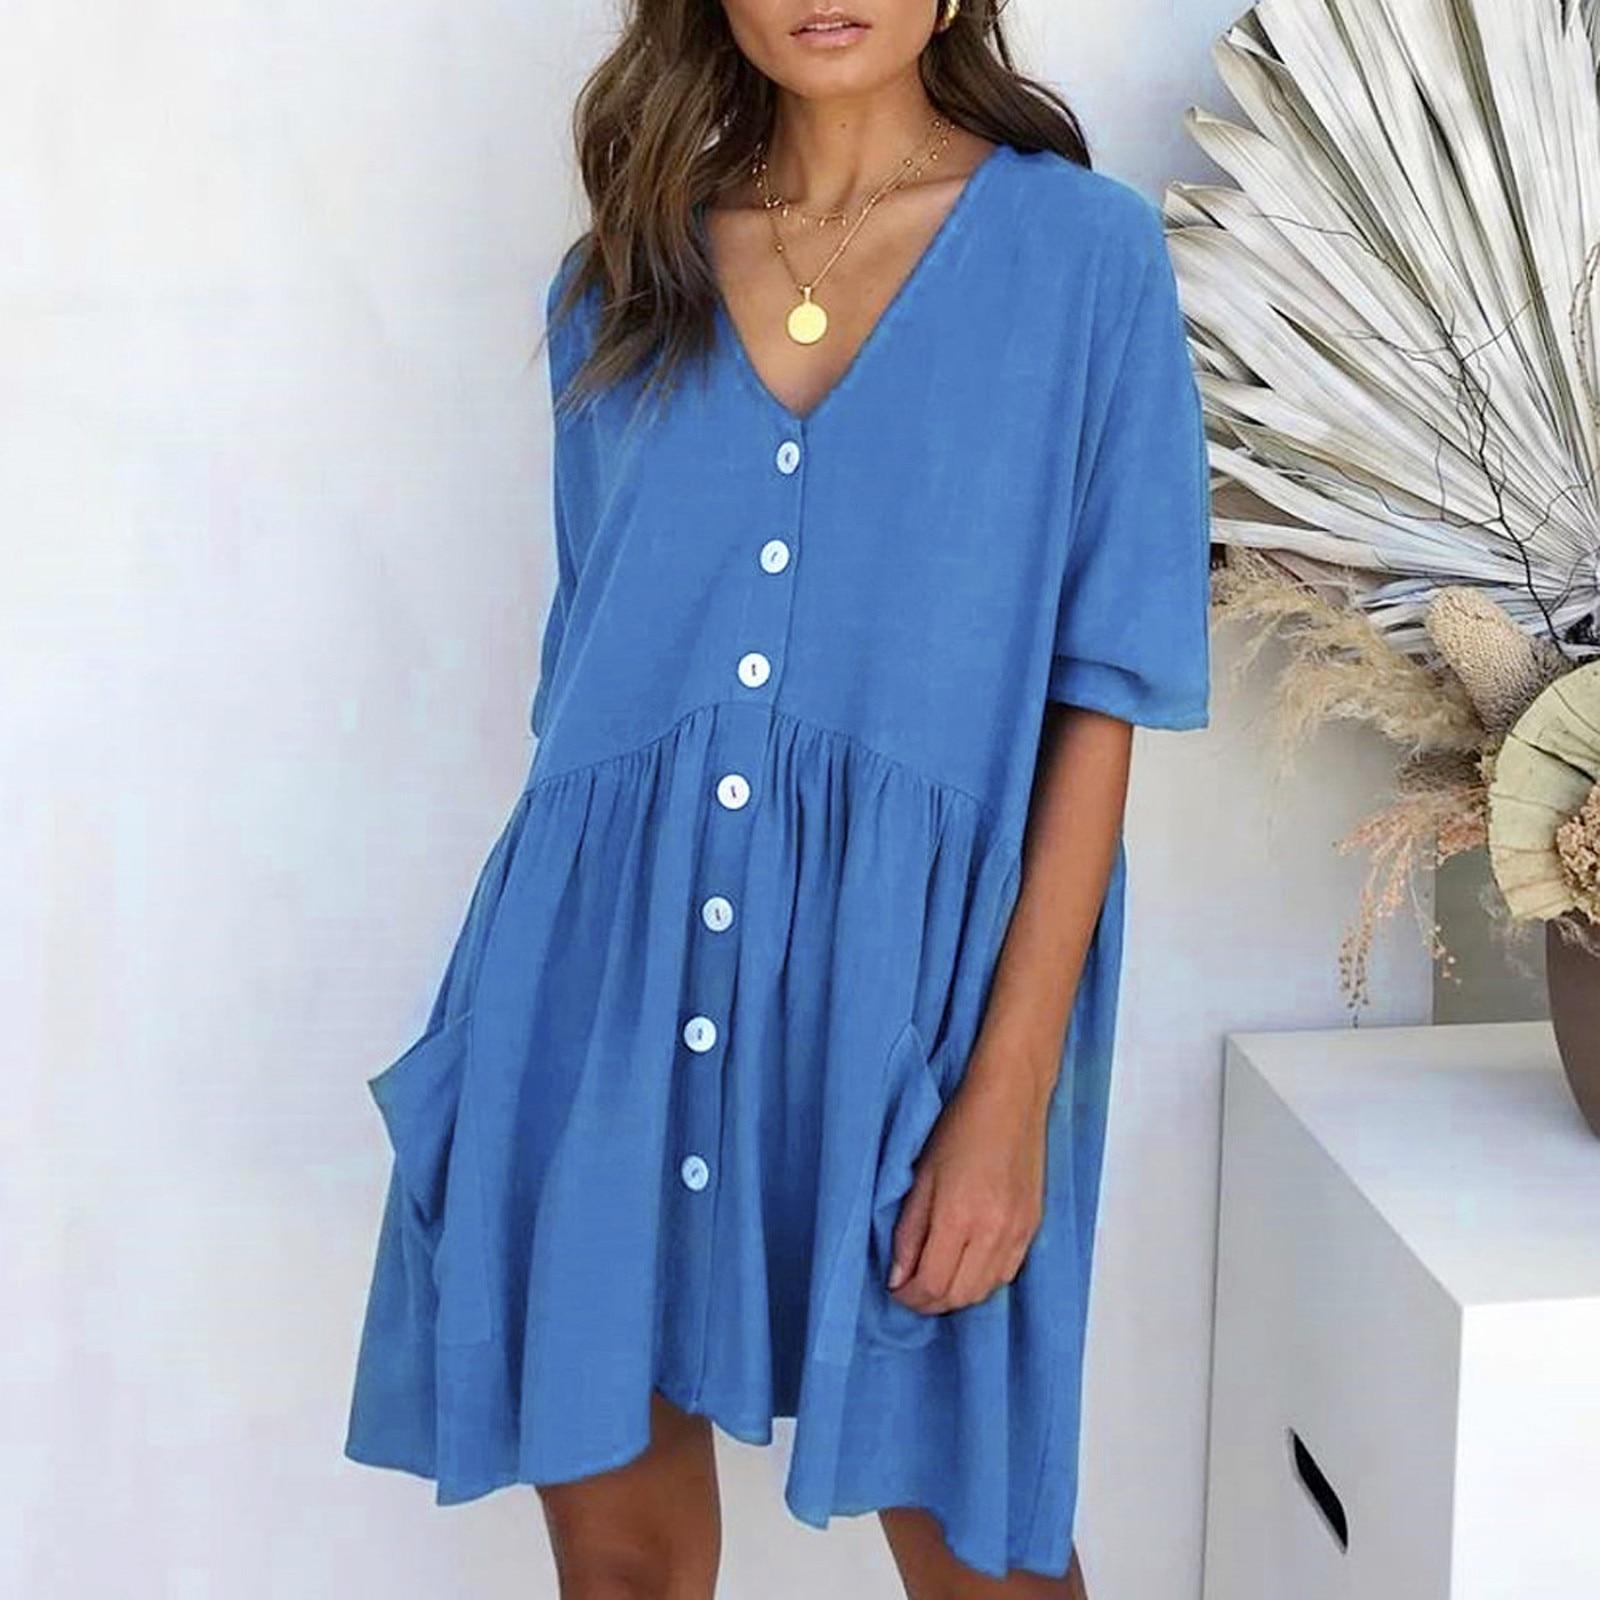 Women's Fashion Casual V-Neck Solid Short Sleeve Button Pocket Short Dress vestido de mujer summer dress платья для женщин 8